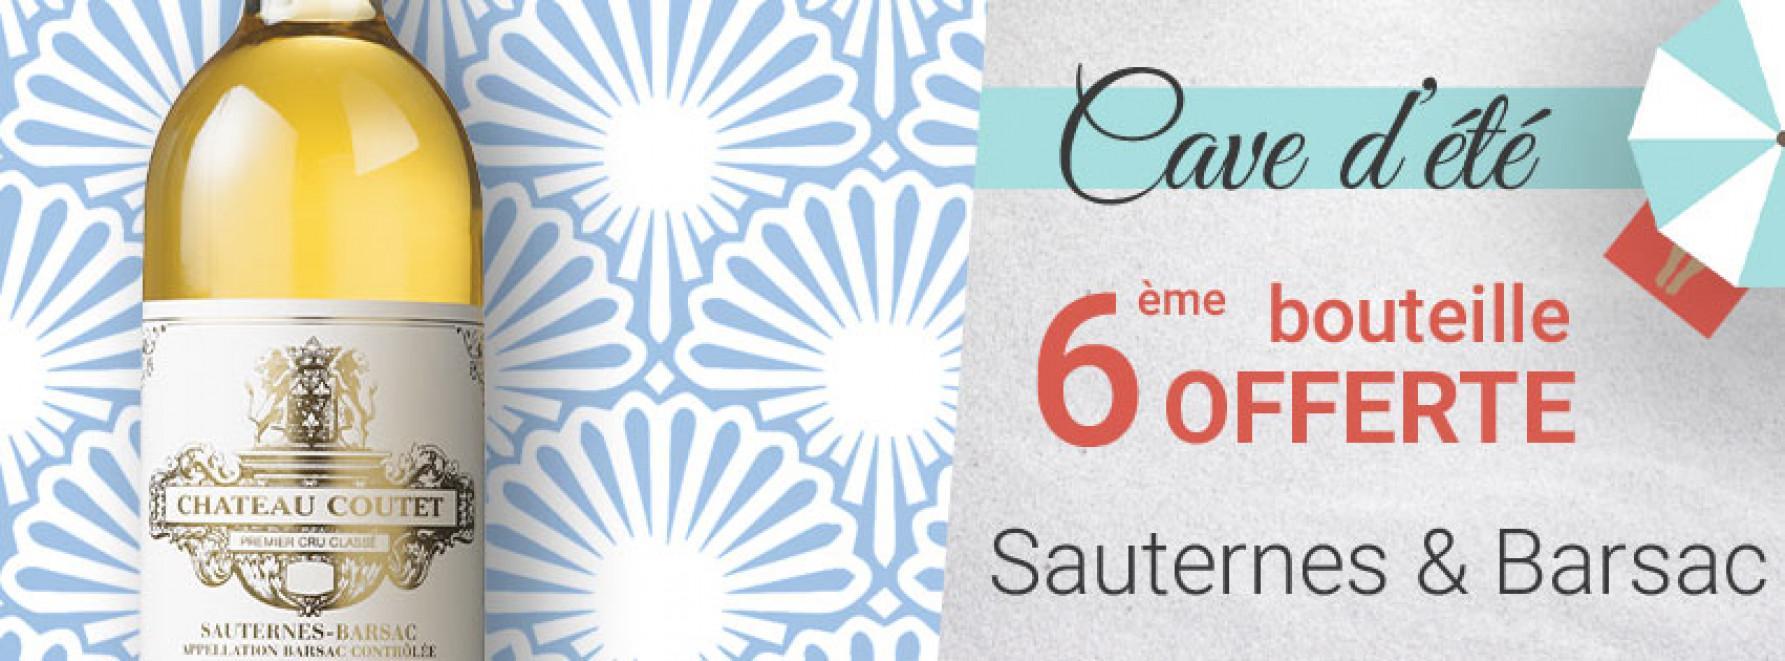 Cave d'été | Sauternes & Barsac